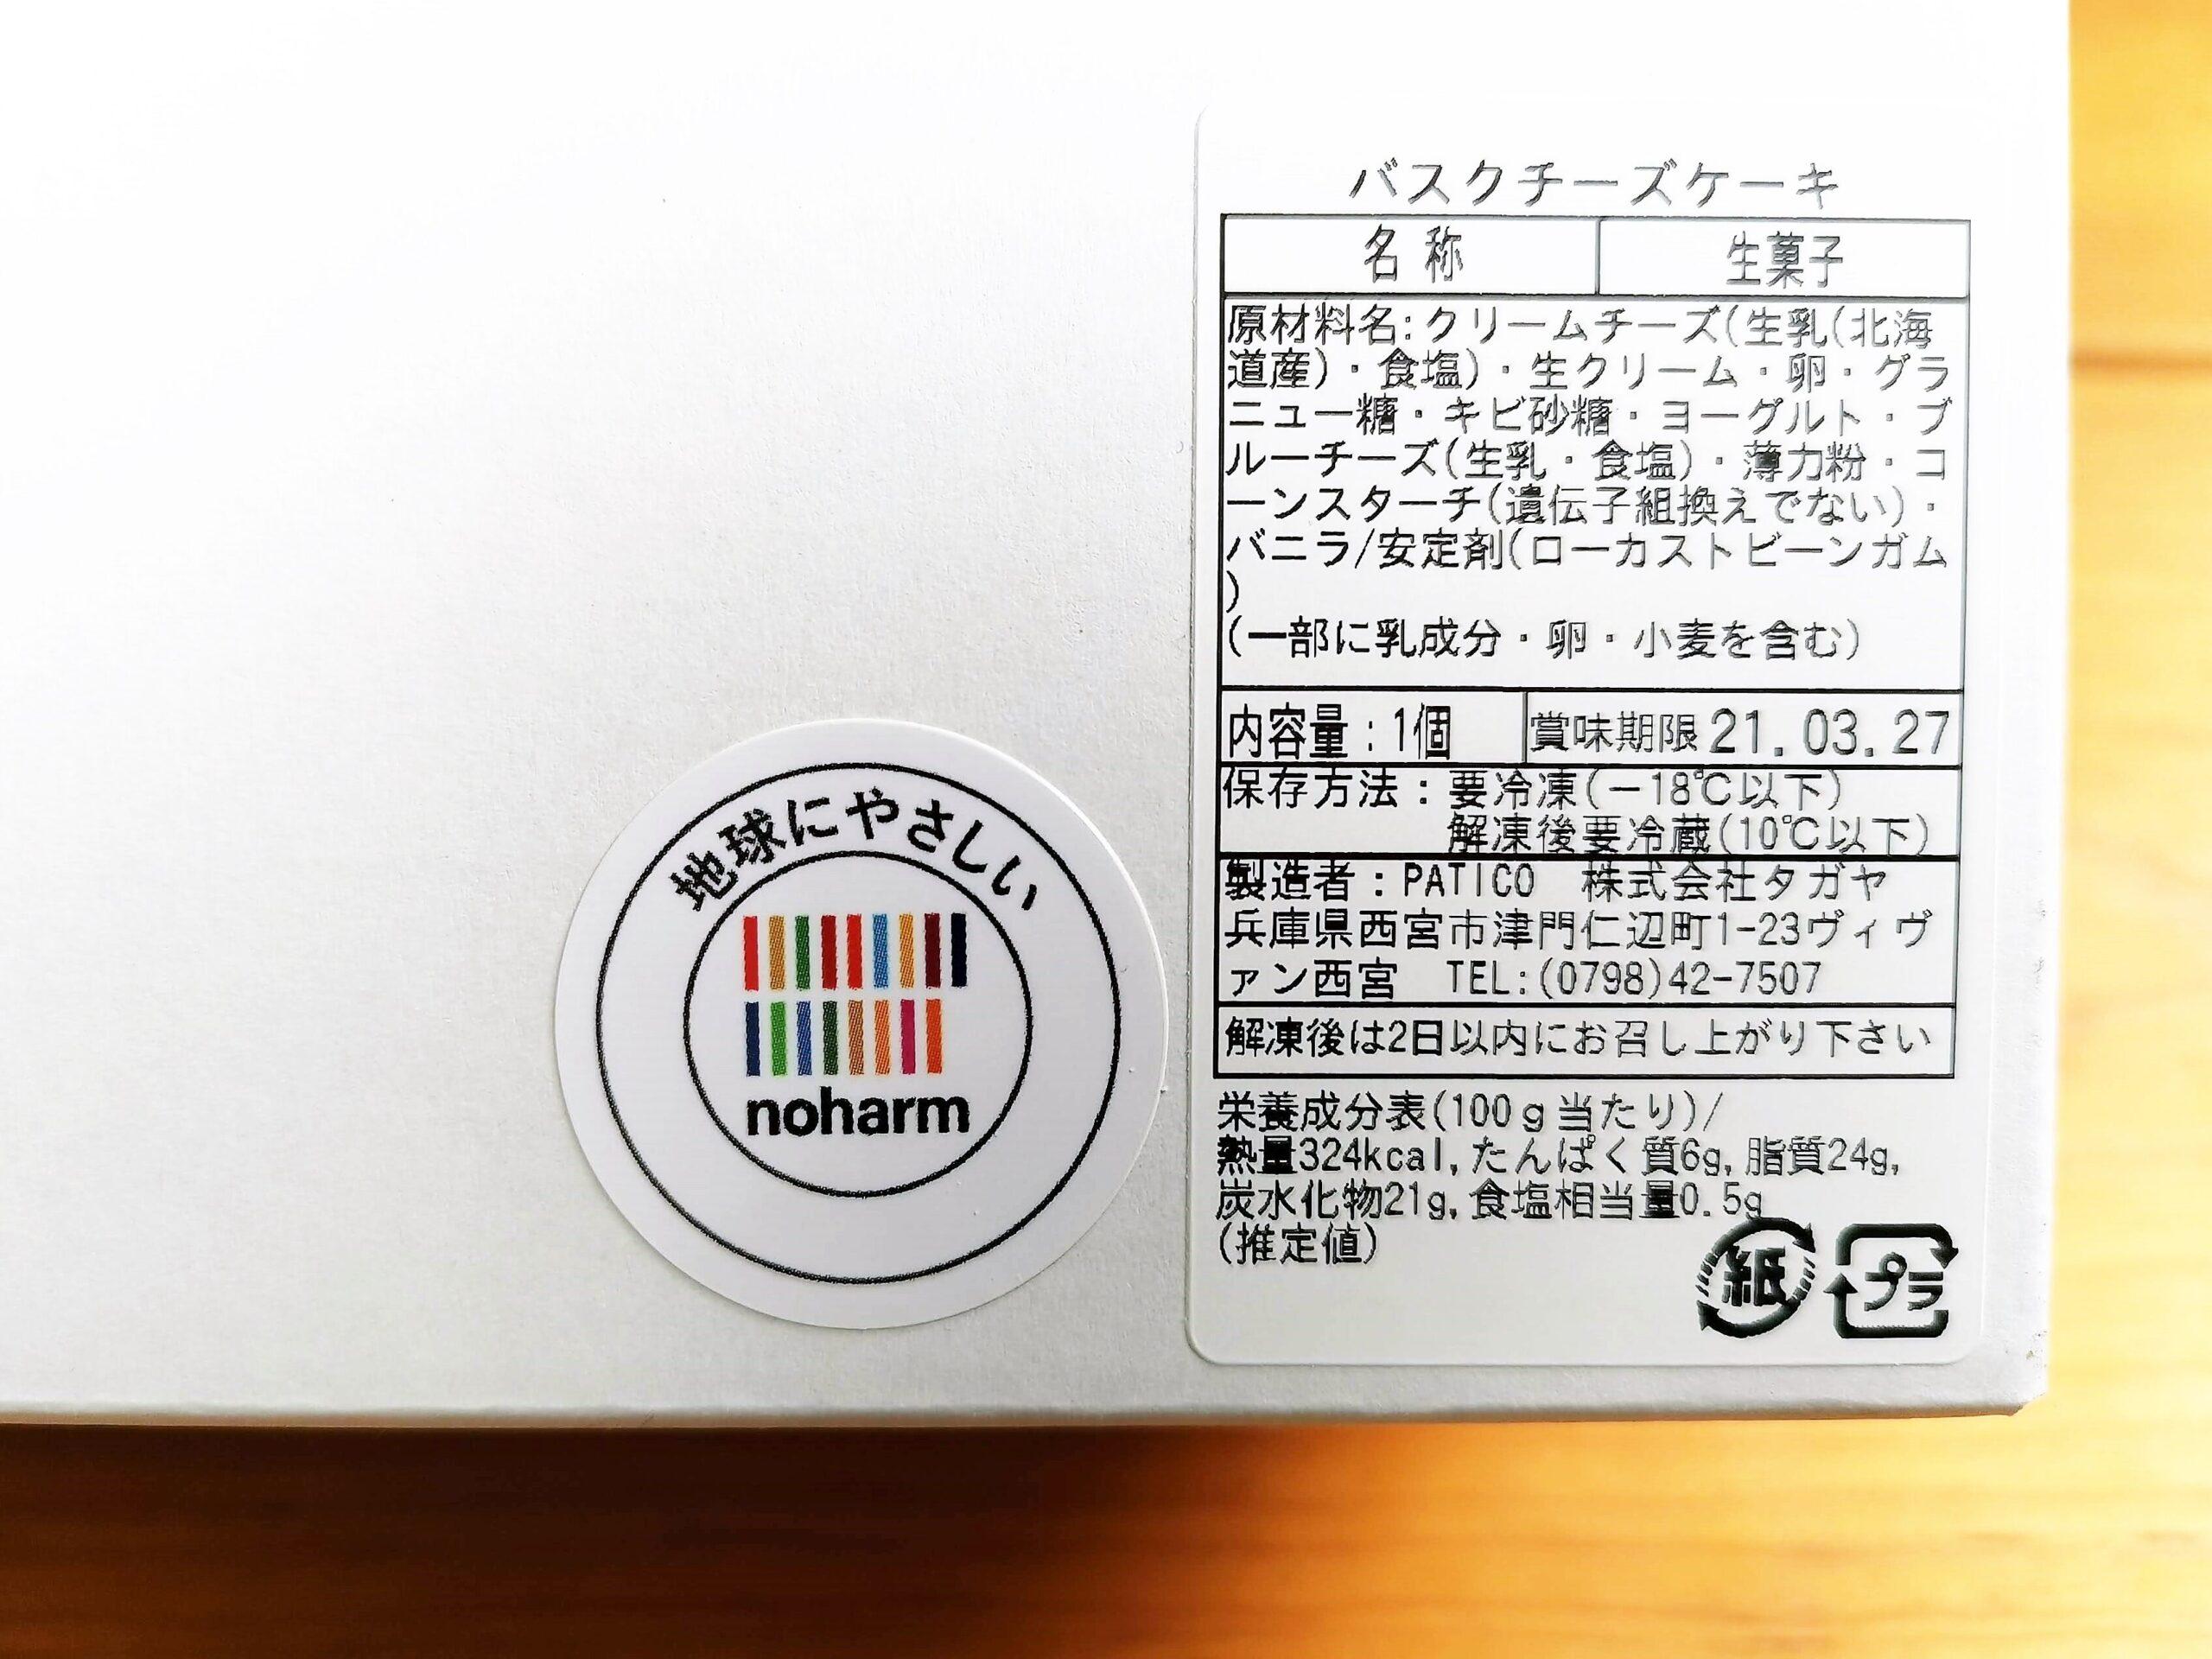 Patico バスクチーズケーキ (1)